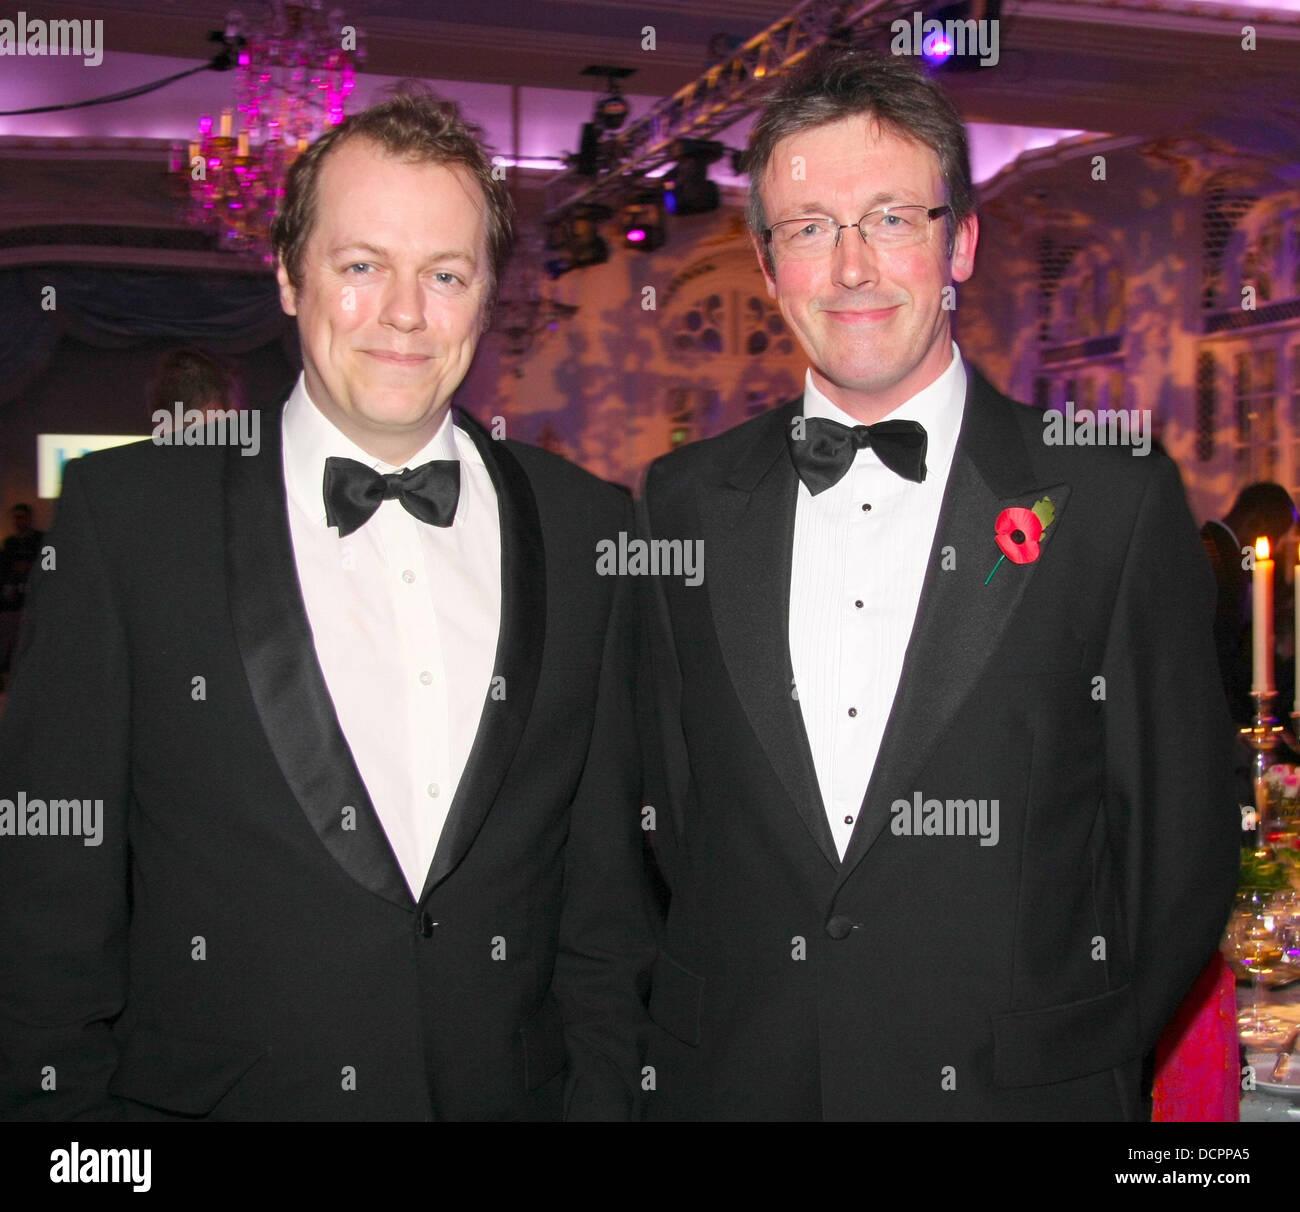 Tom Parker Bowles und Shane Connolly Kunst und Essen Gala-Dinner im Savoy Hotel in London, England - 07.11.11 Stockfoto